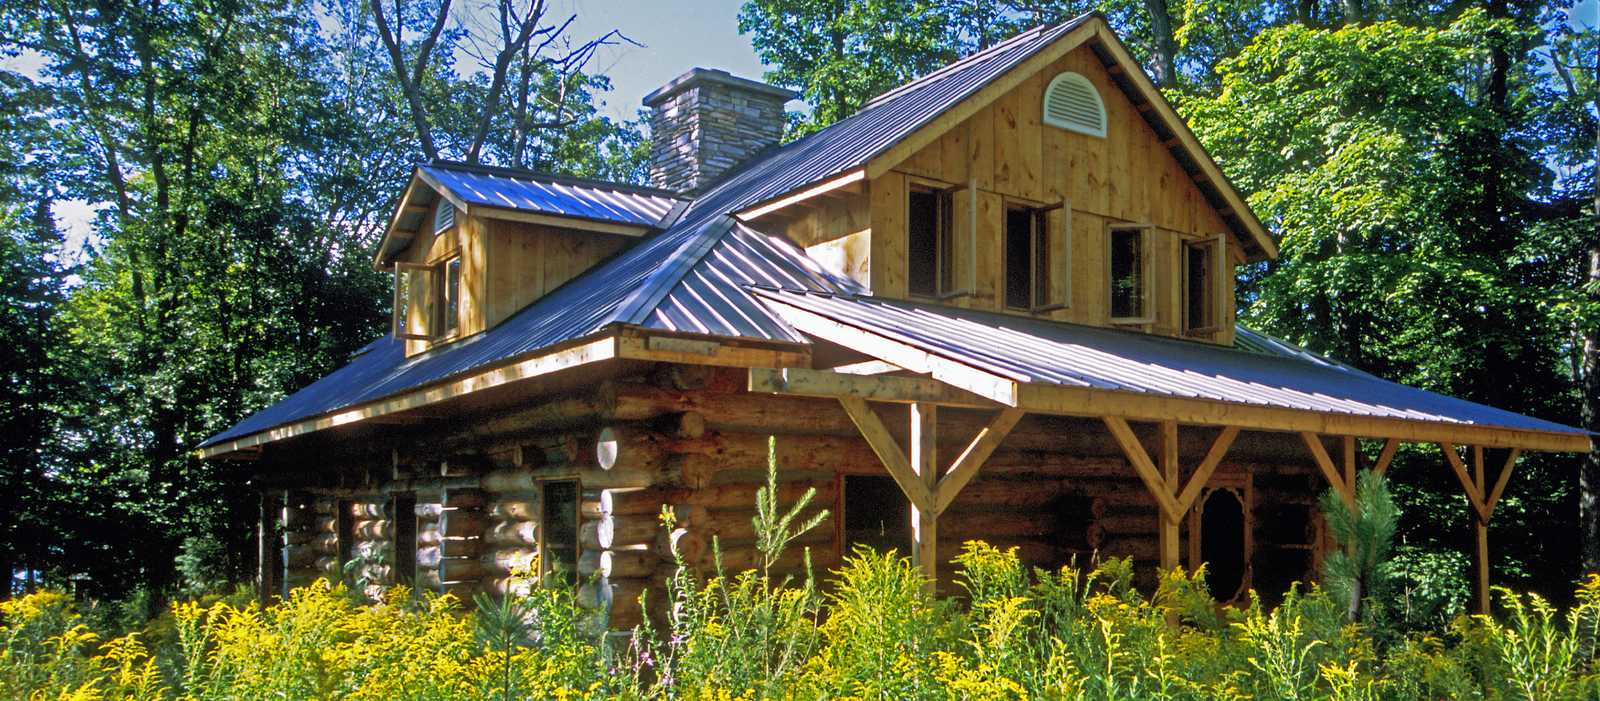 Algonquin Log Cabin